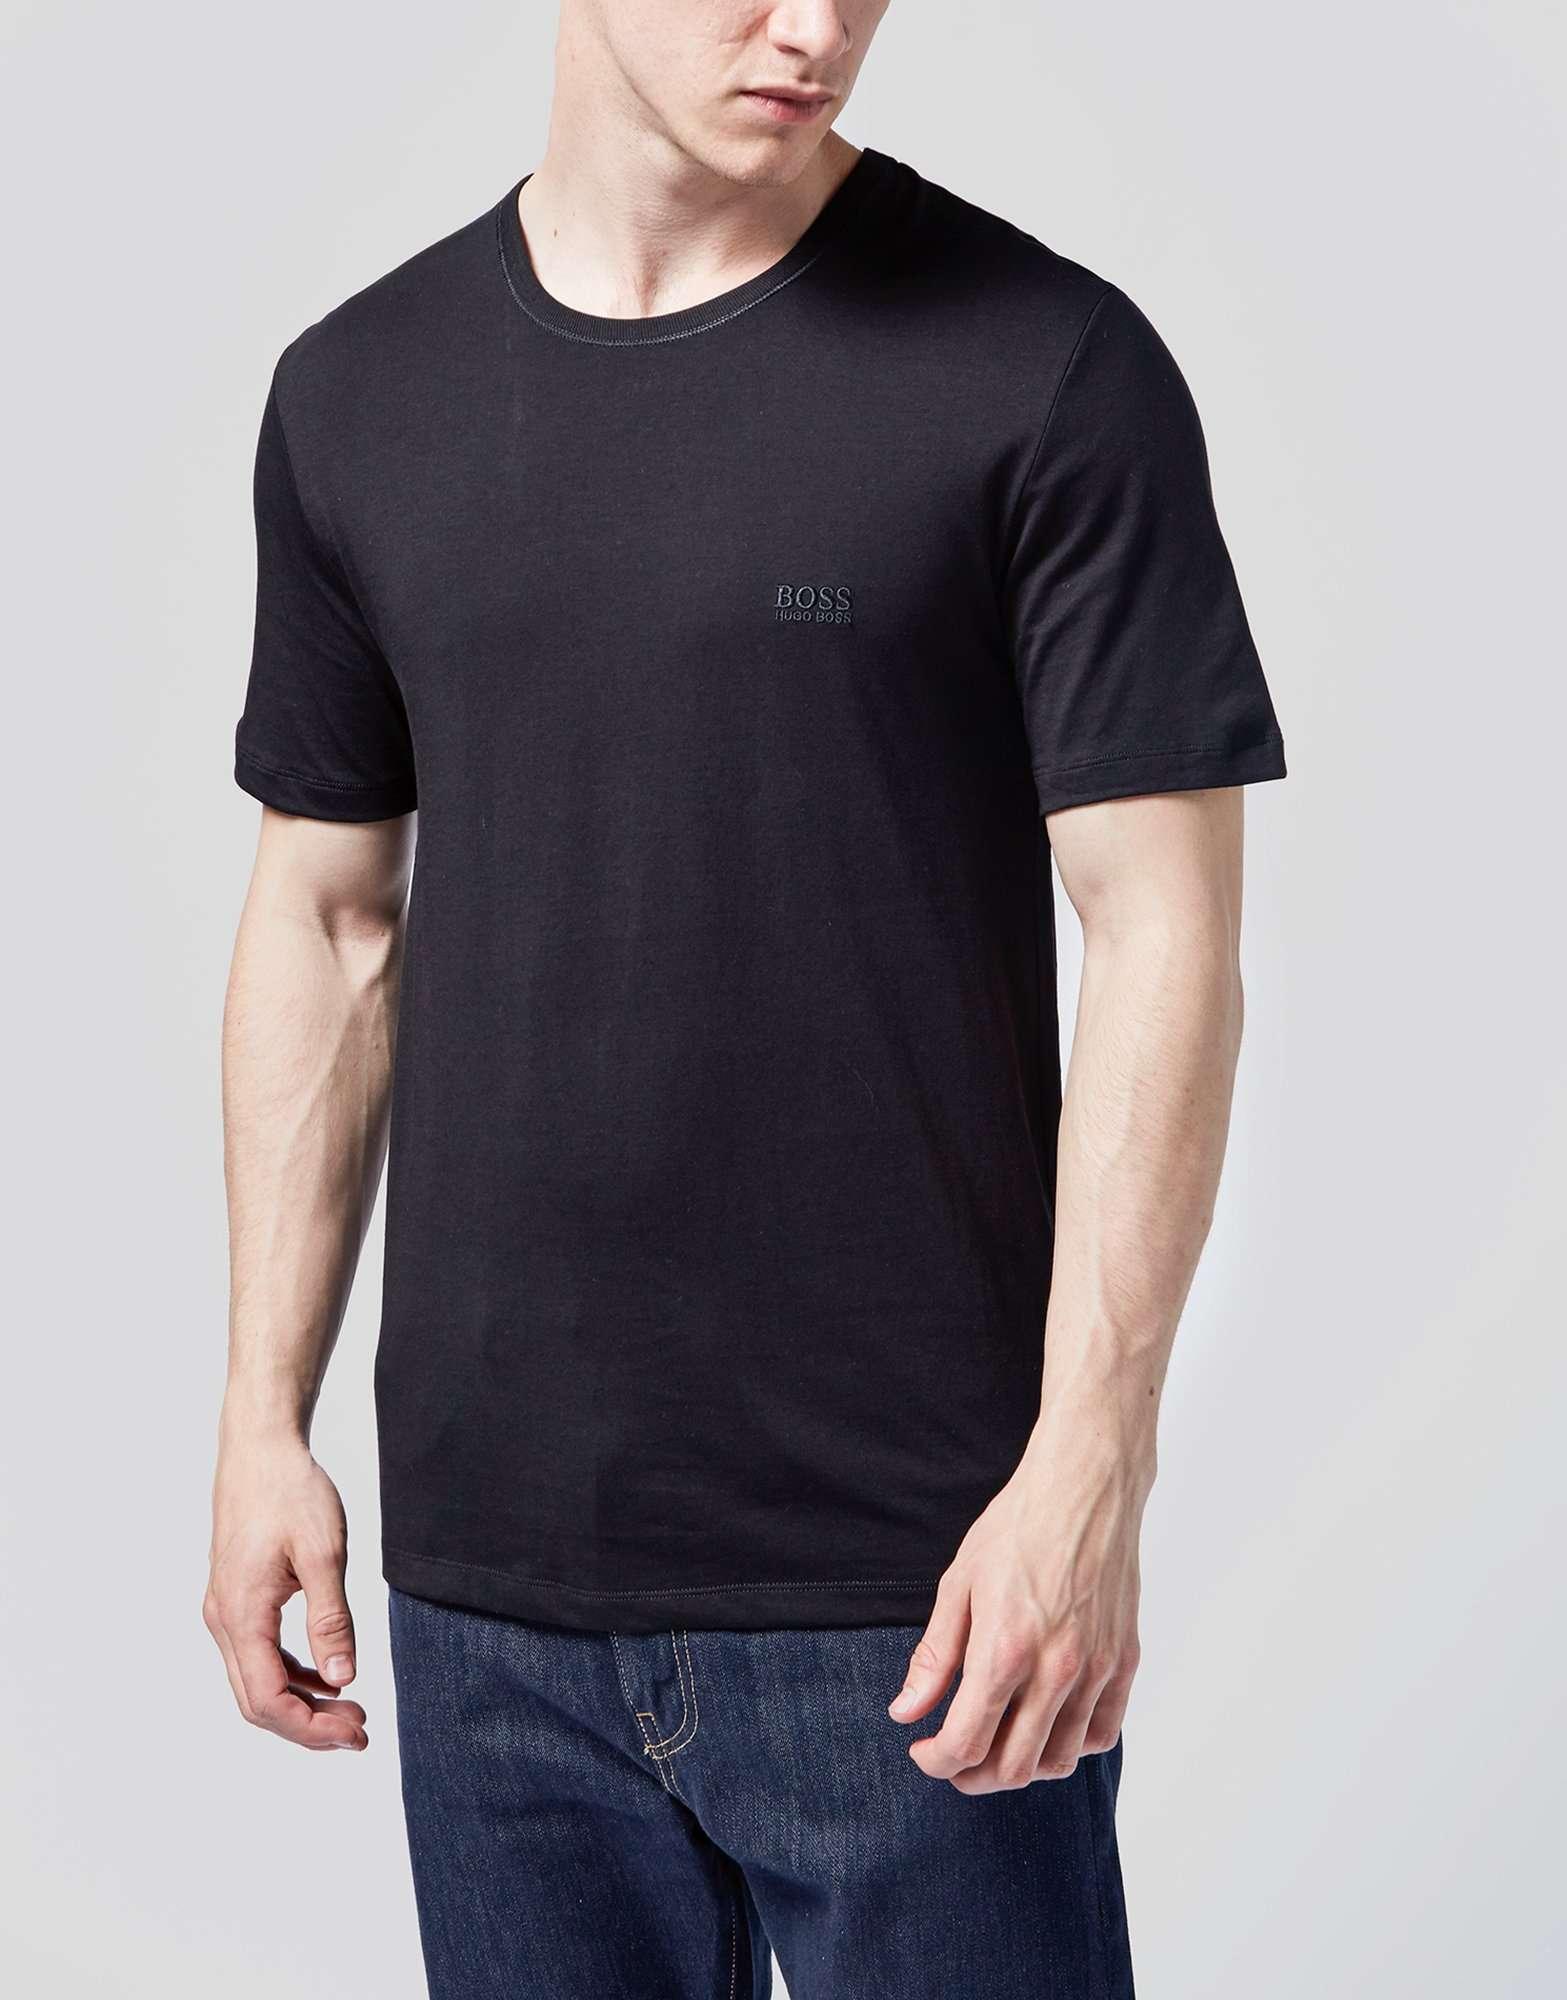 Black t shirt pack - Black T Shirt Pack 57